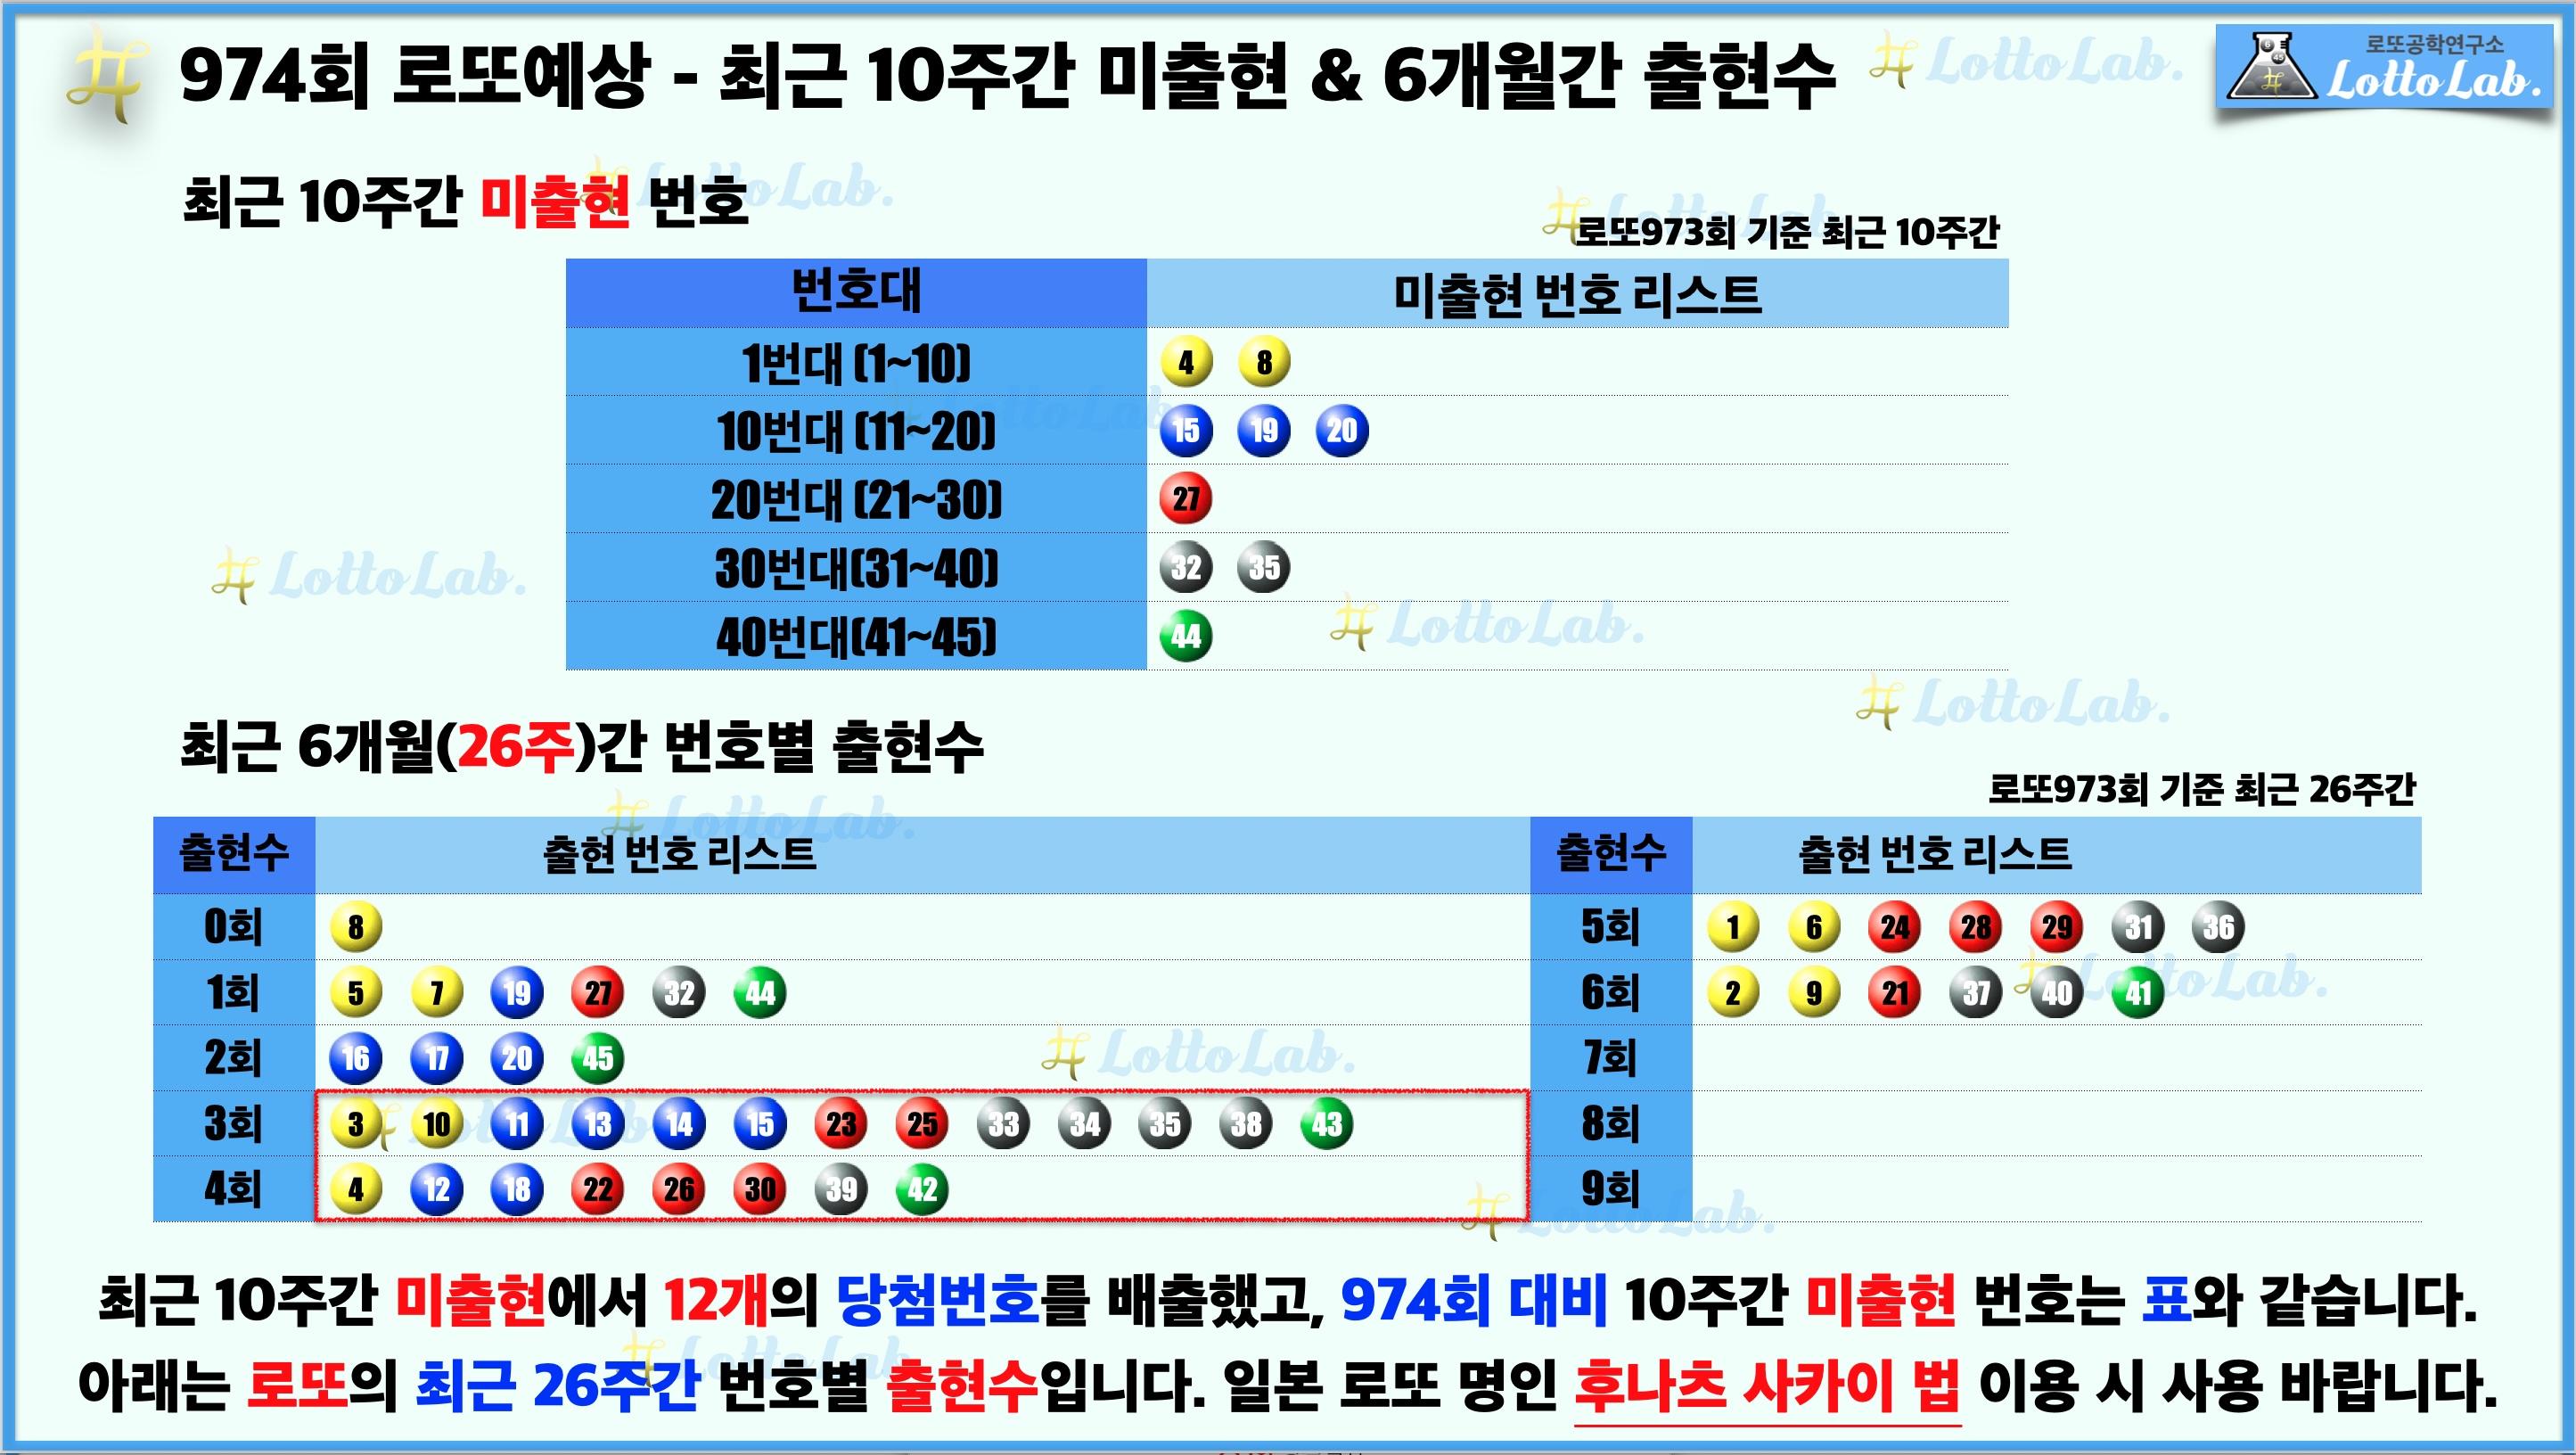 로또랩 로또974 당첨 번호 예상 - 미출현 출현수.